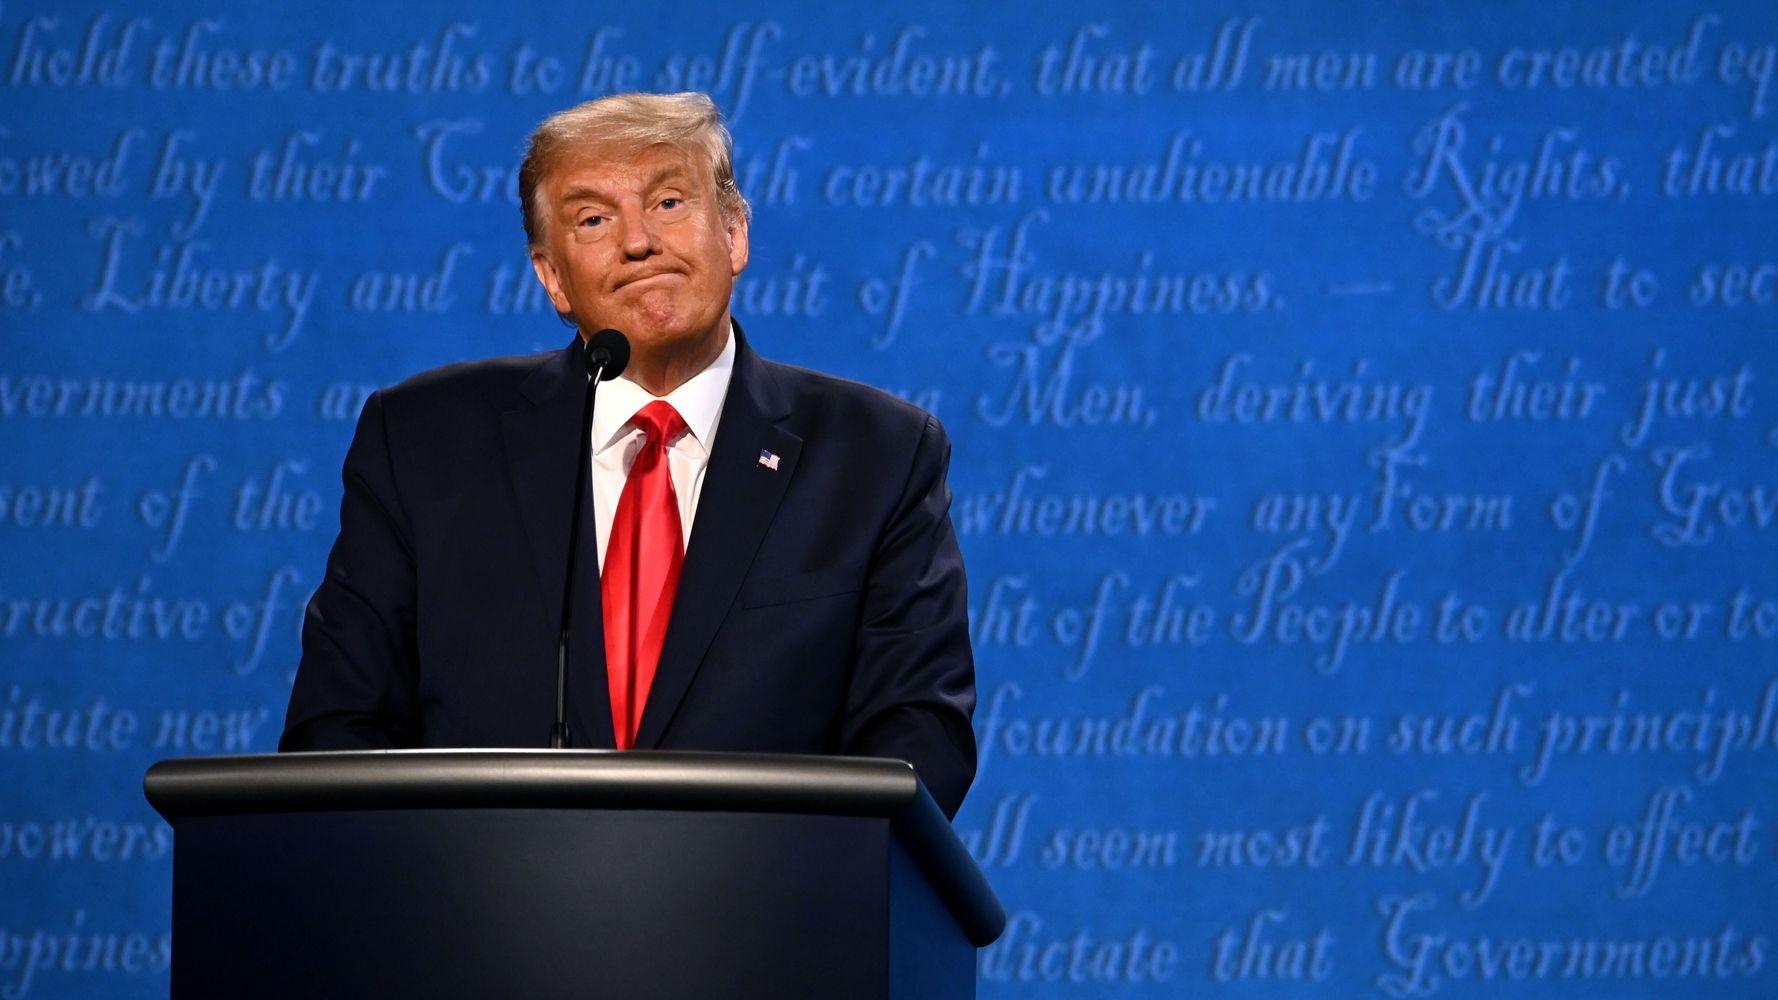 Trump's Debate Hail Mary: Lie After Brazen, Incoherent Lie